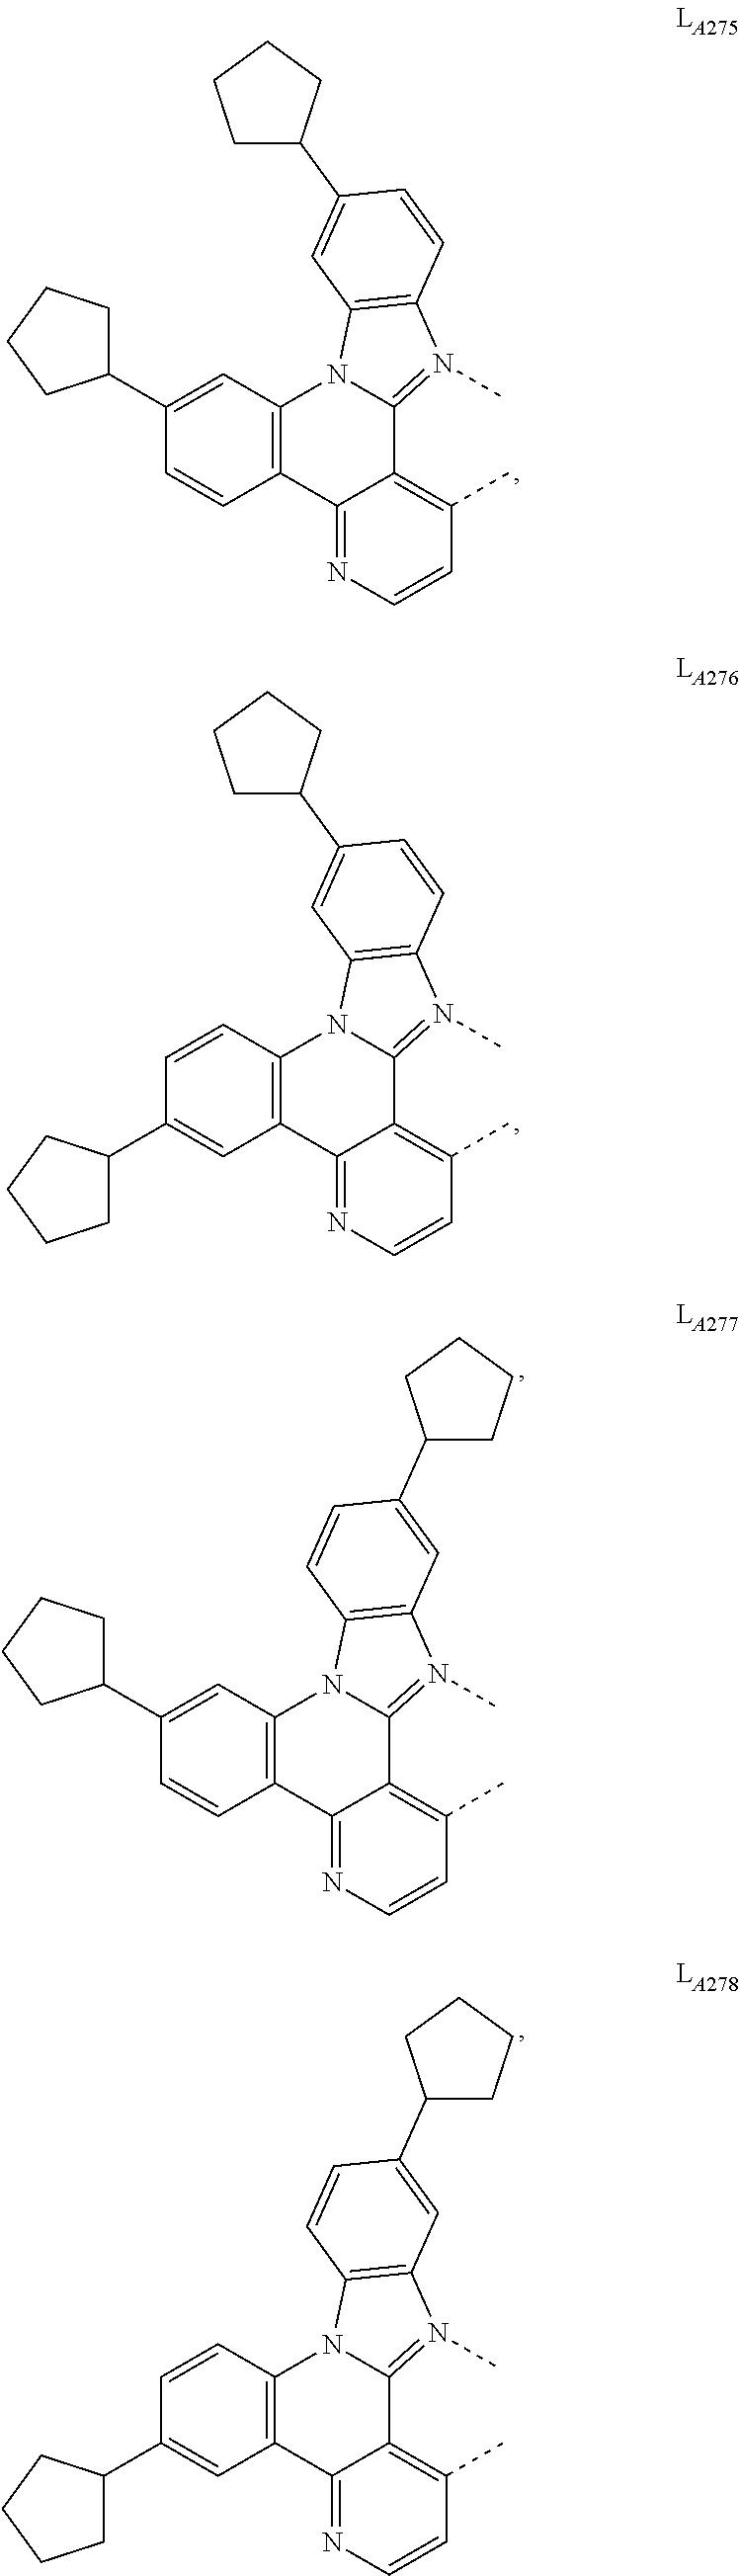 Figure US09905785-20180227-C00089